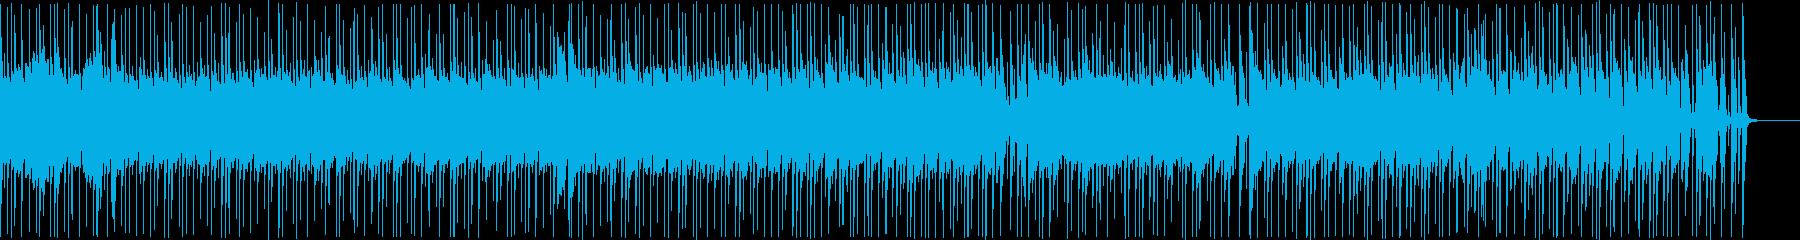 【メロディ抜き】陽気でお気楽な感じのBGの再生済みの波形